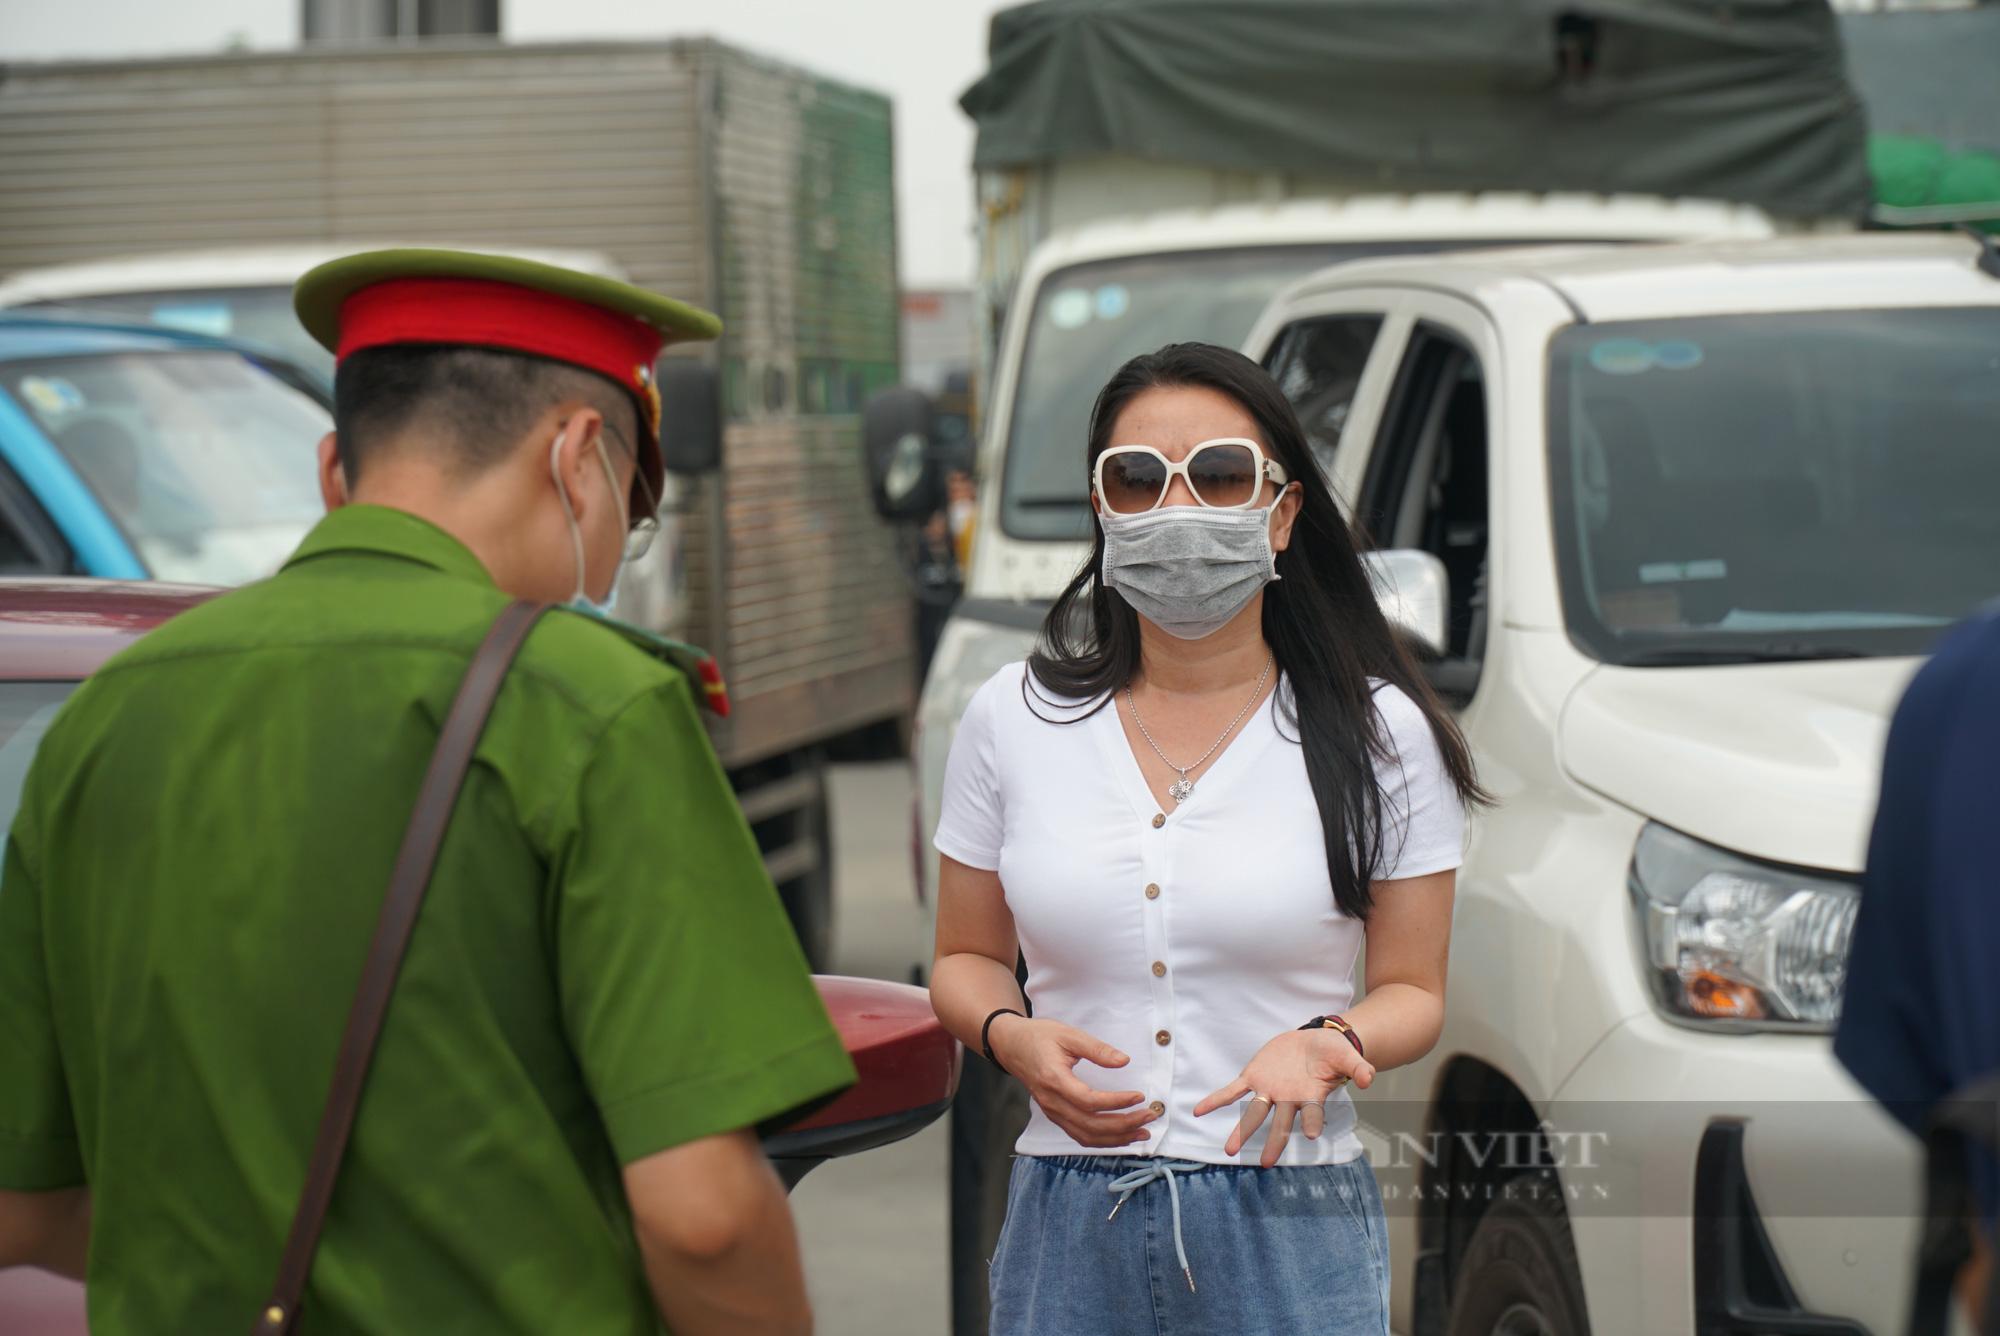 Tài xế đi hơn 1000km từ Vĩnh Long ra Hà Nội bị yêu cầu quay xe - Ảnh 9.